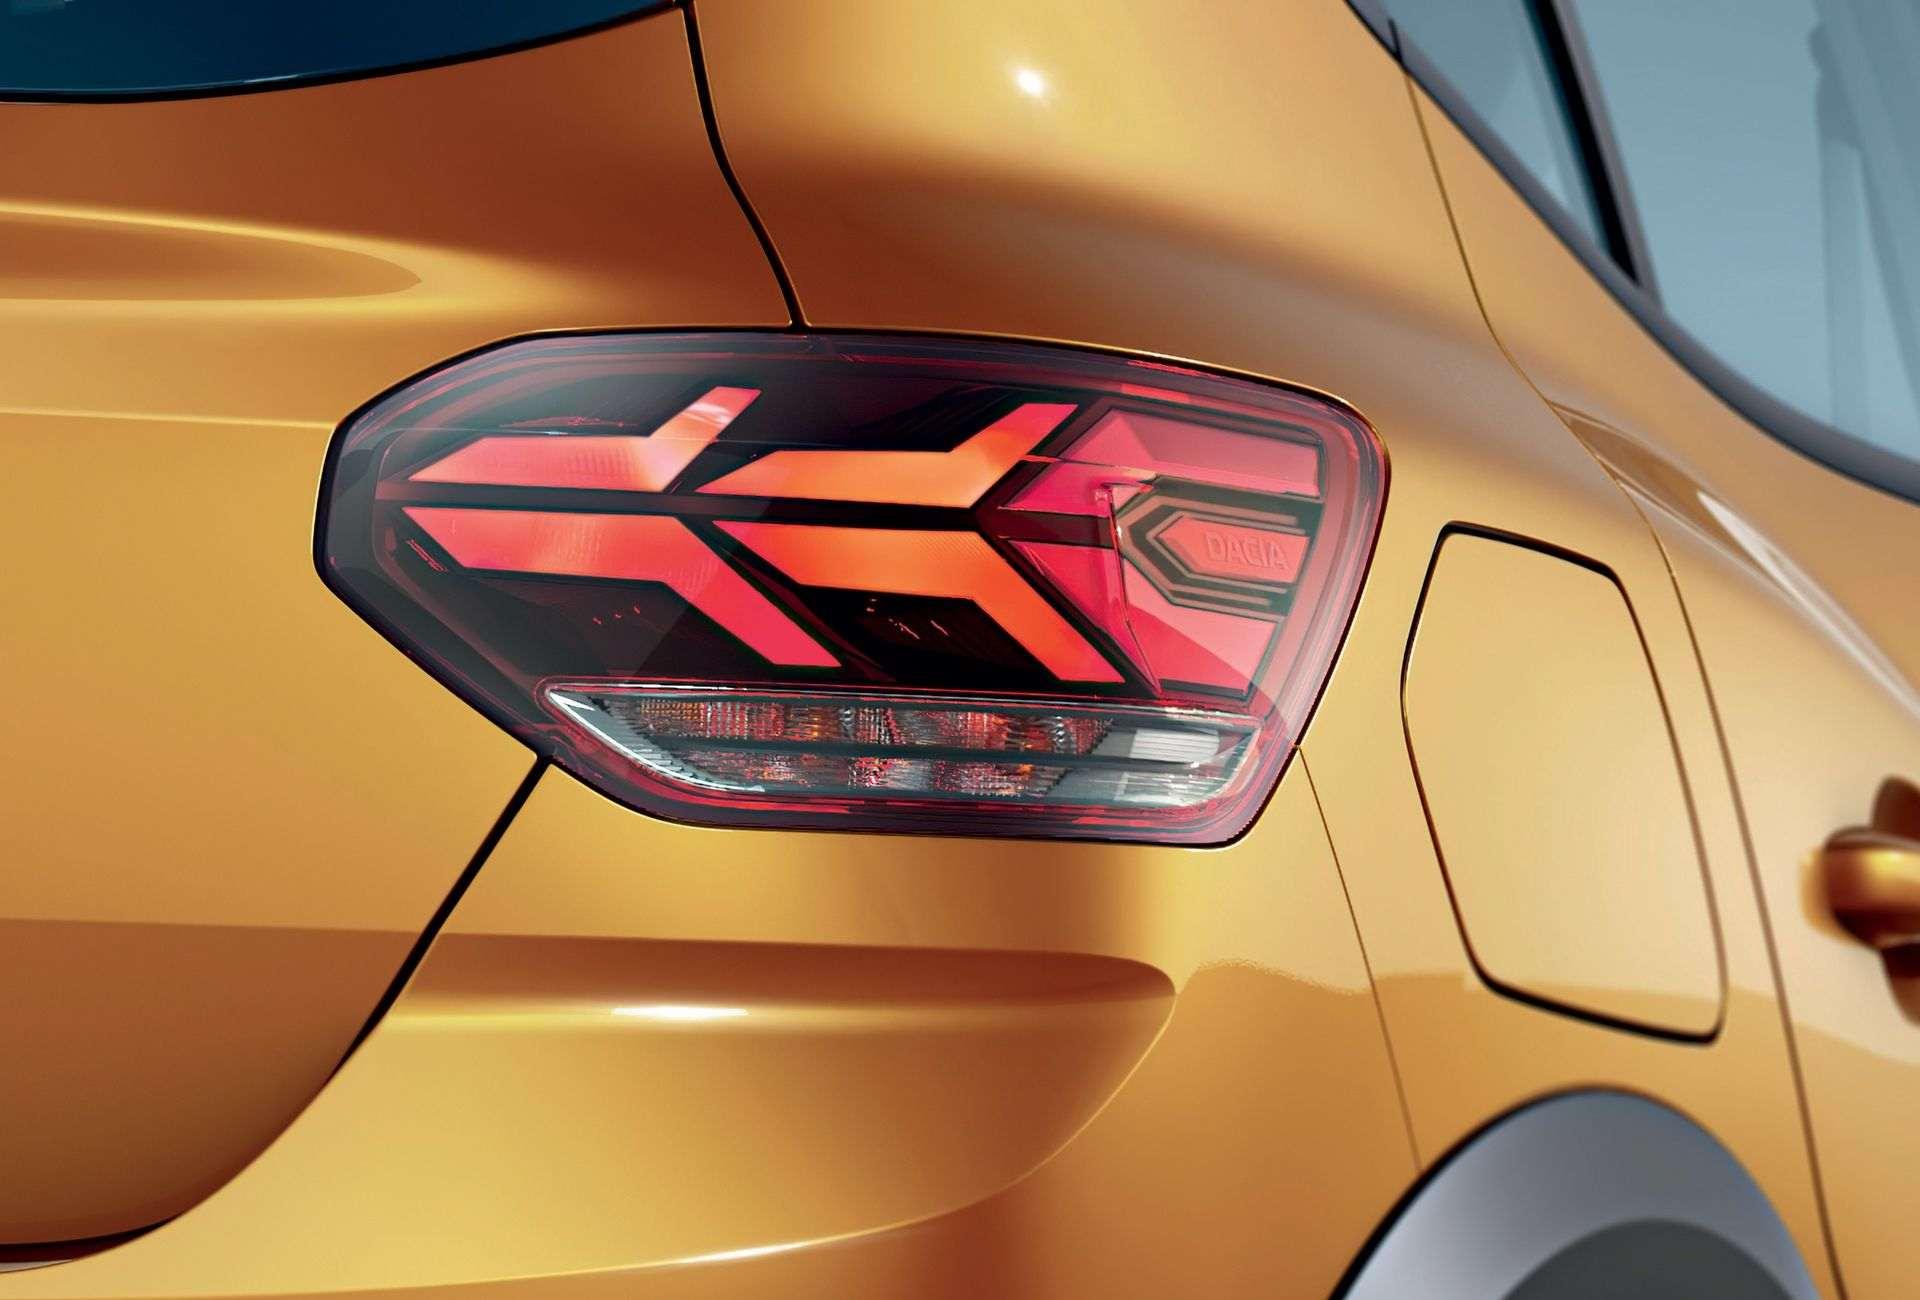 2020_Dacia_Sandero_Stepway_0010